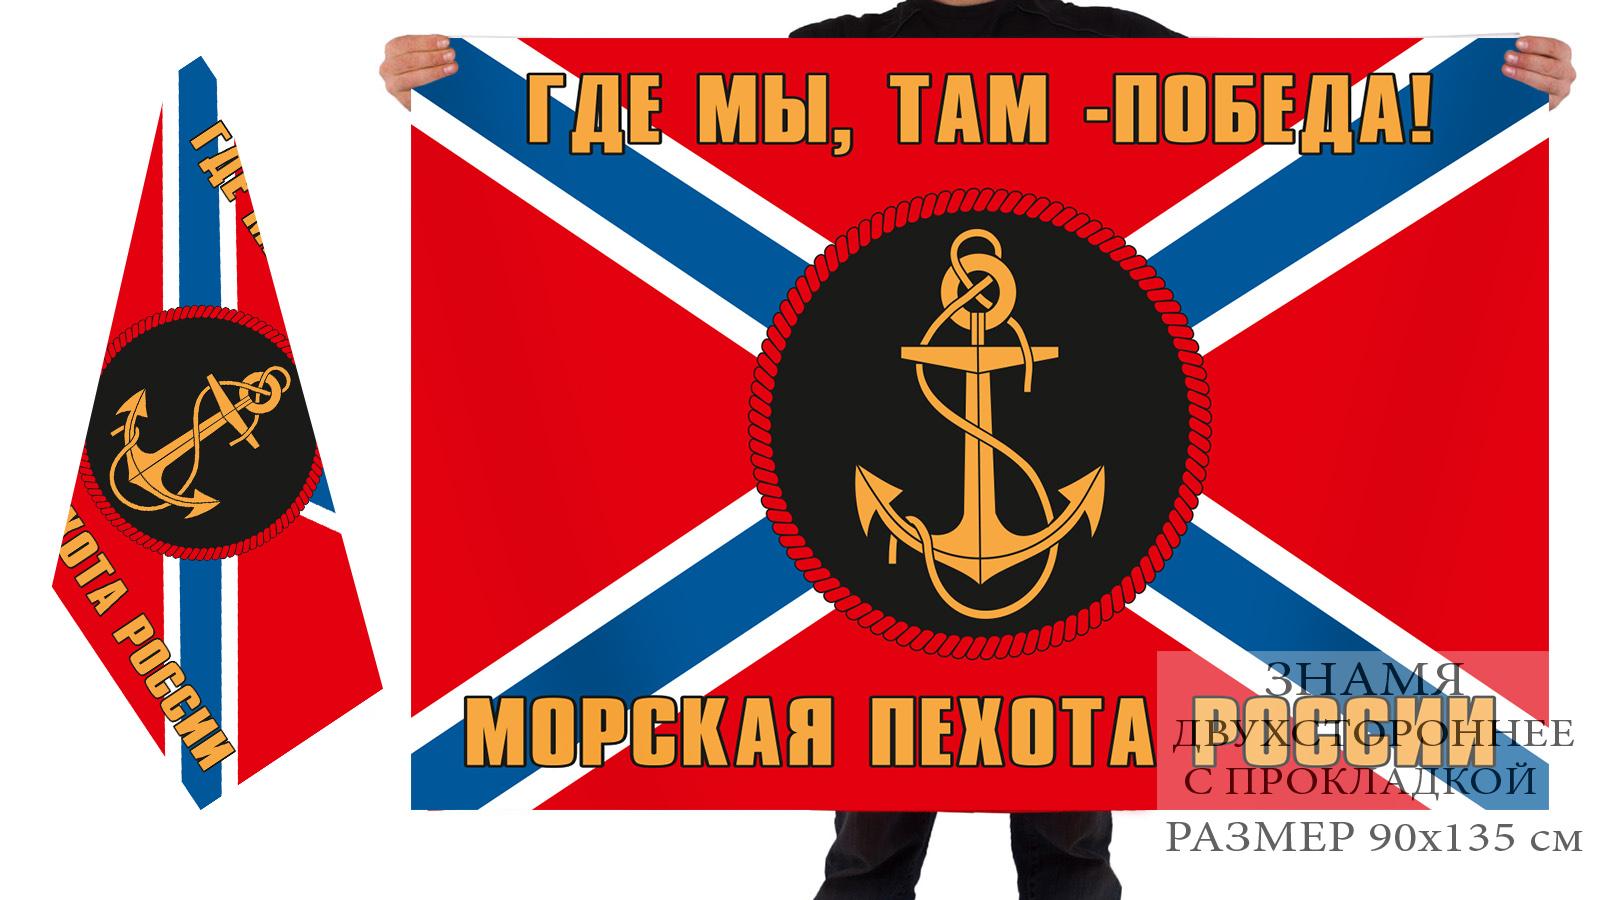 Флаги с символикой Морской пехоты по низким ценам – уже в наличии